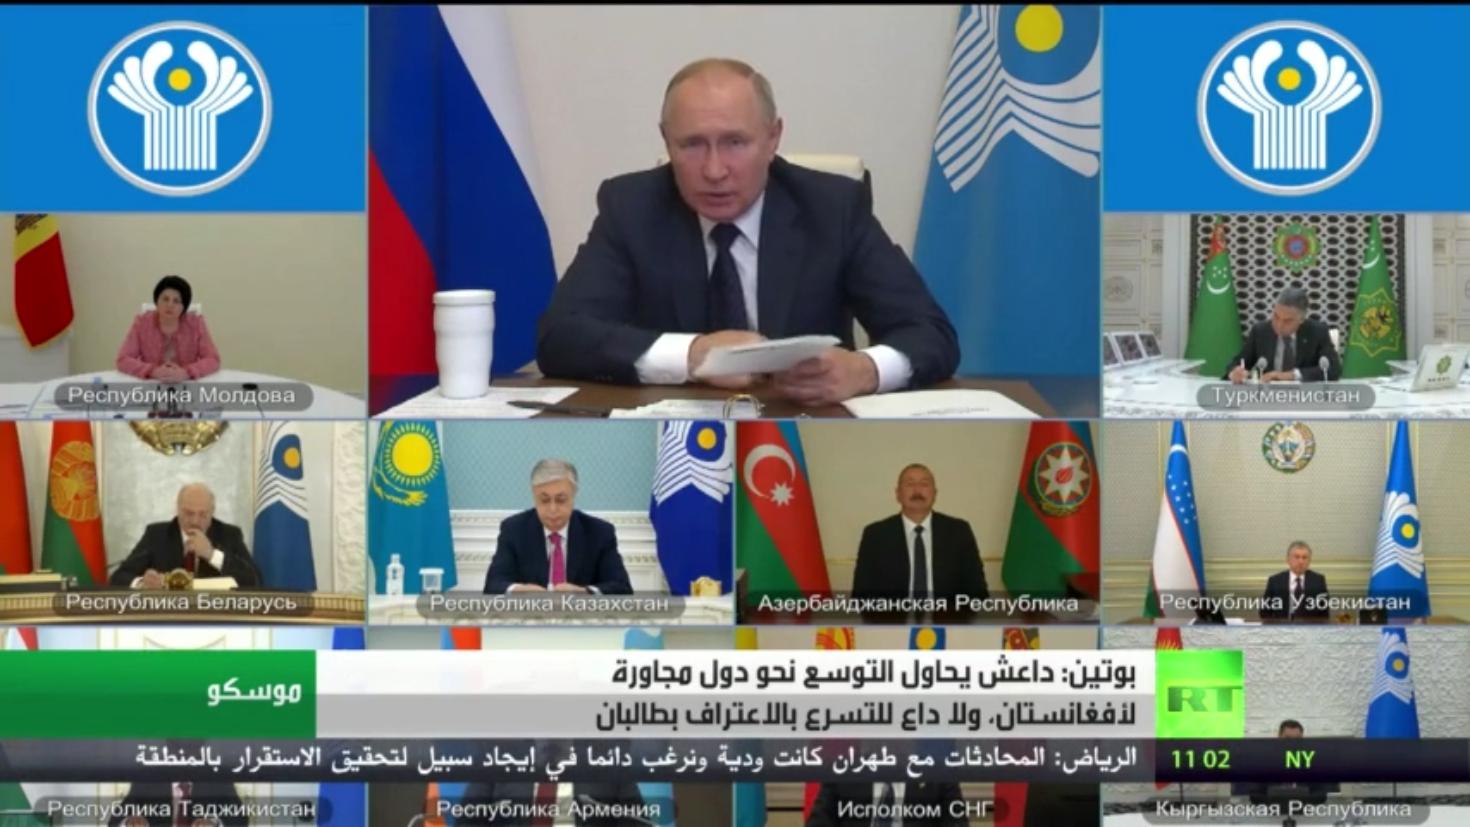 بوتين: يجب تضافر الجهود لمنع تسلل